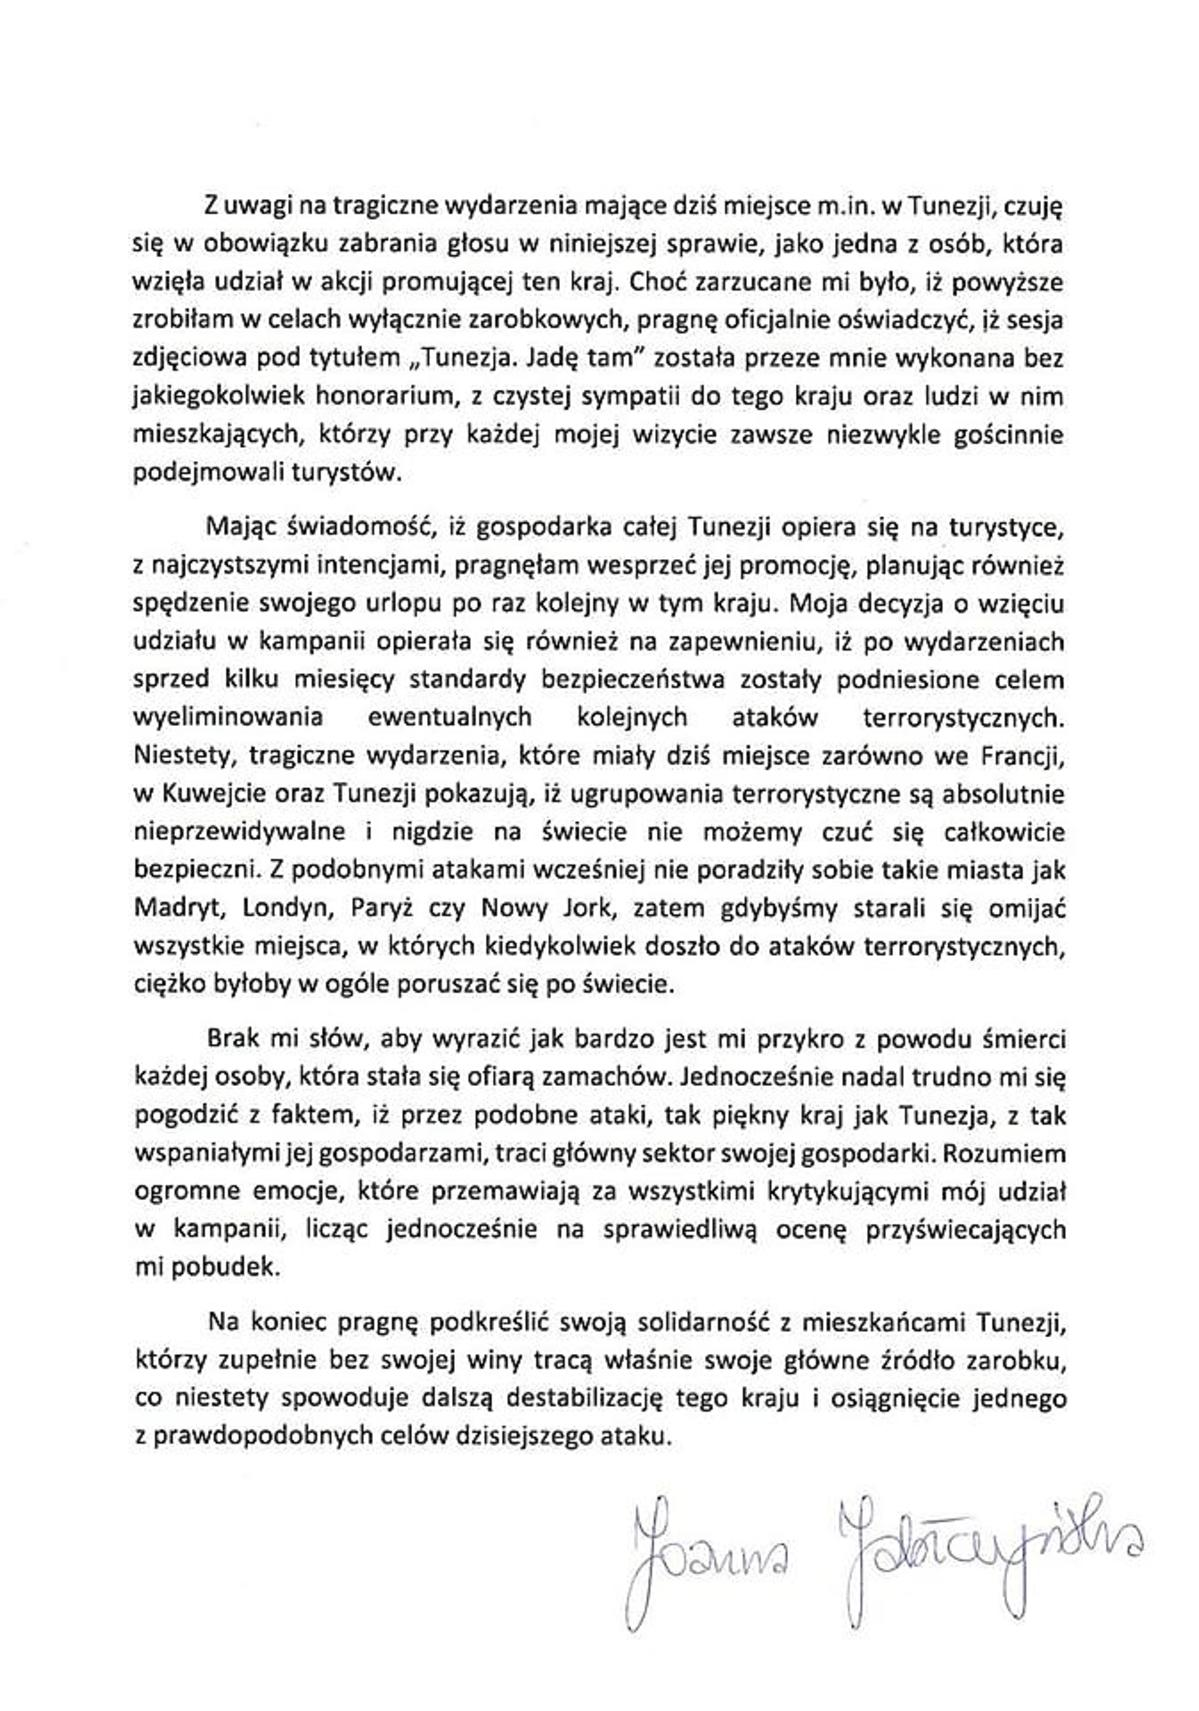 Oświadczenie Joanny Jabłczyńskiej